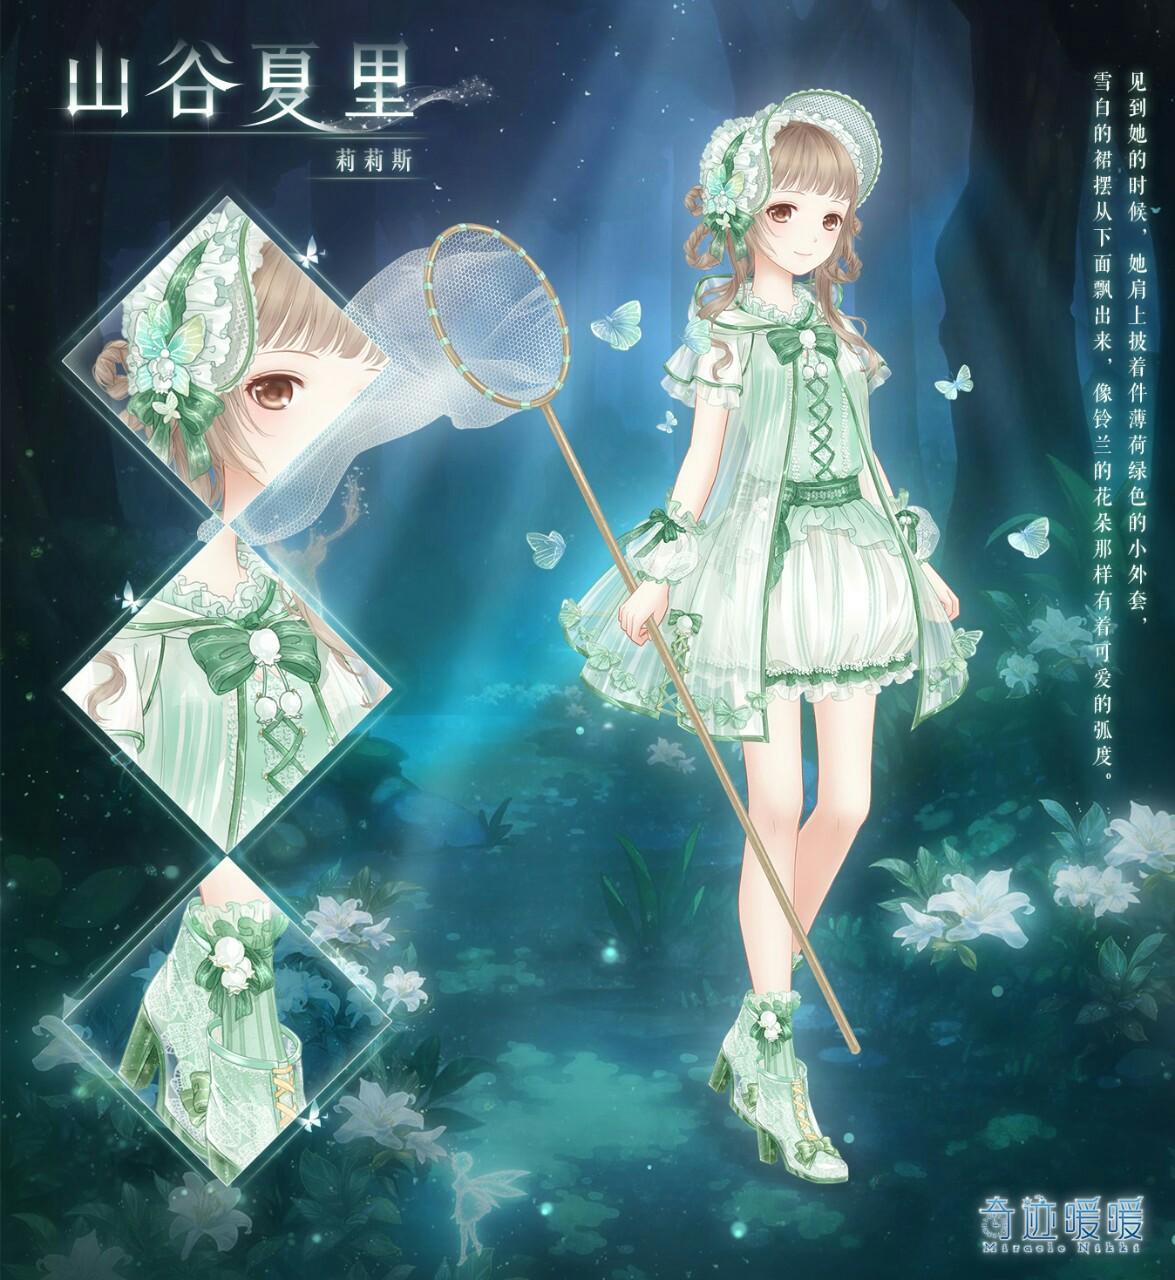 短篇小说 叶罗丽精灵梦之仙境复仇公主2  水灵泊哼!奇迹魔法吗?图片